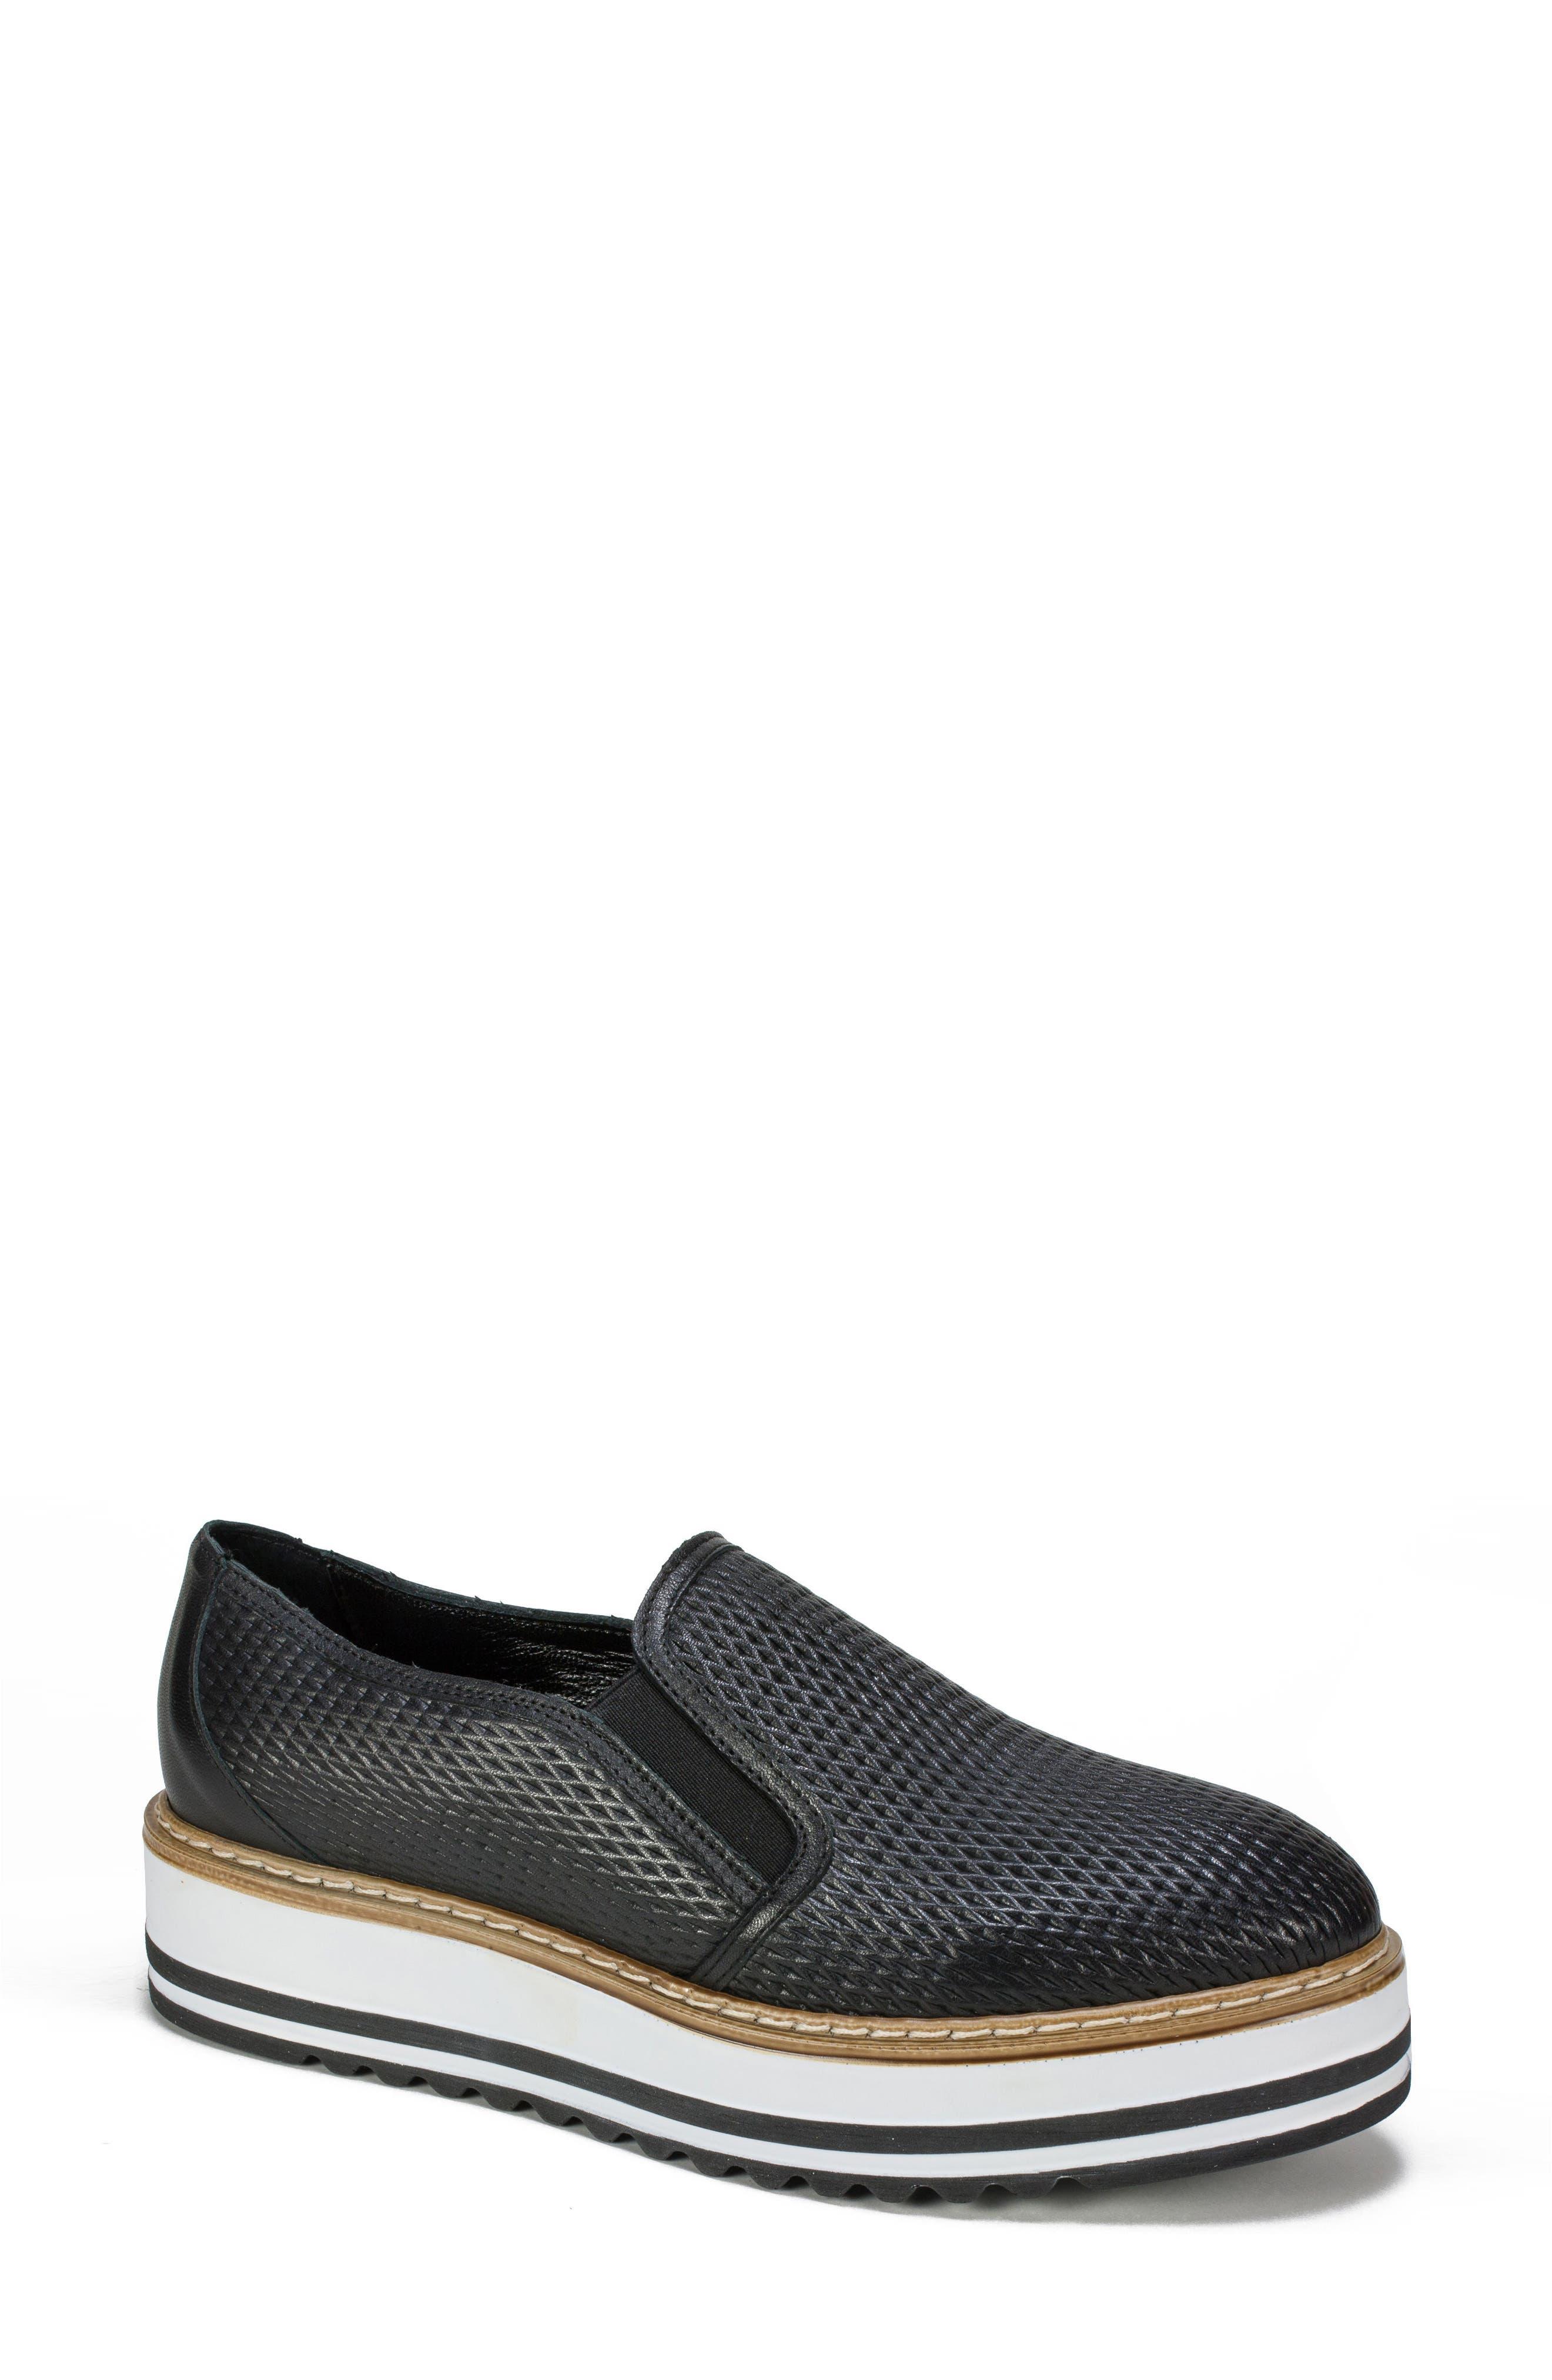 Belton Platform Slip-On,                         Main,                         color, Black Textured Leather